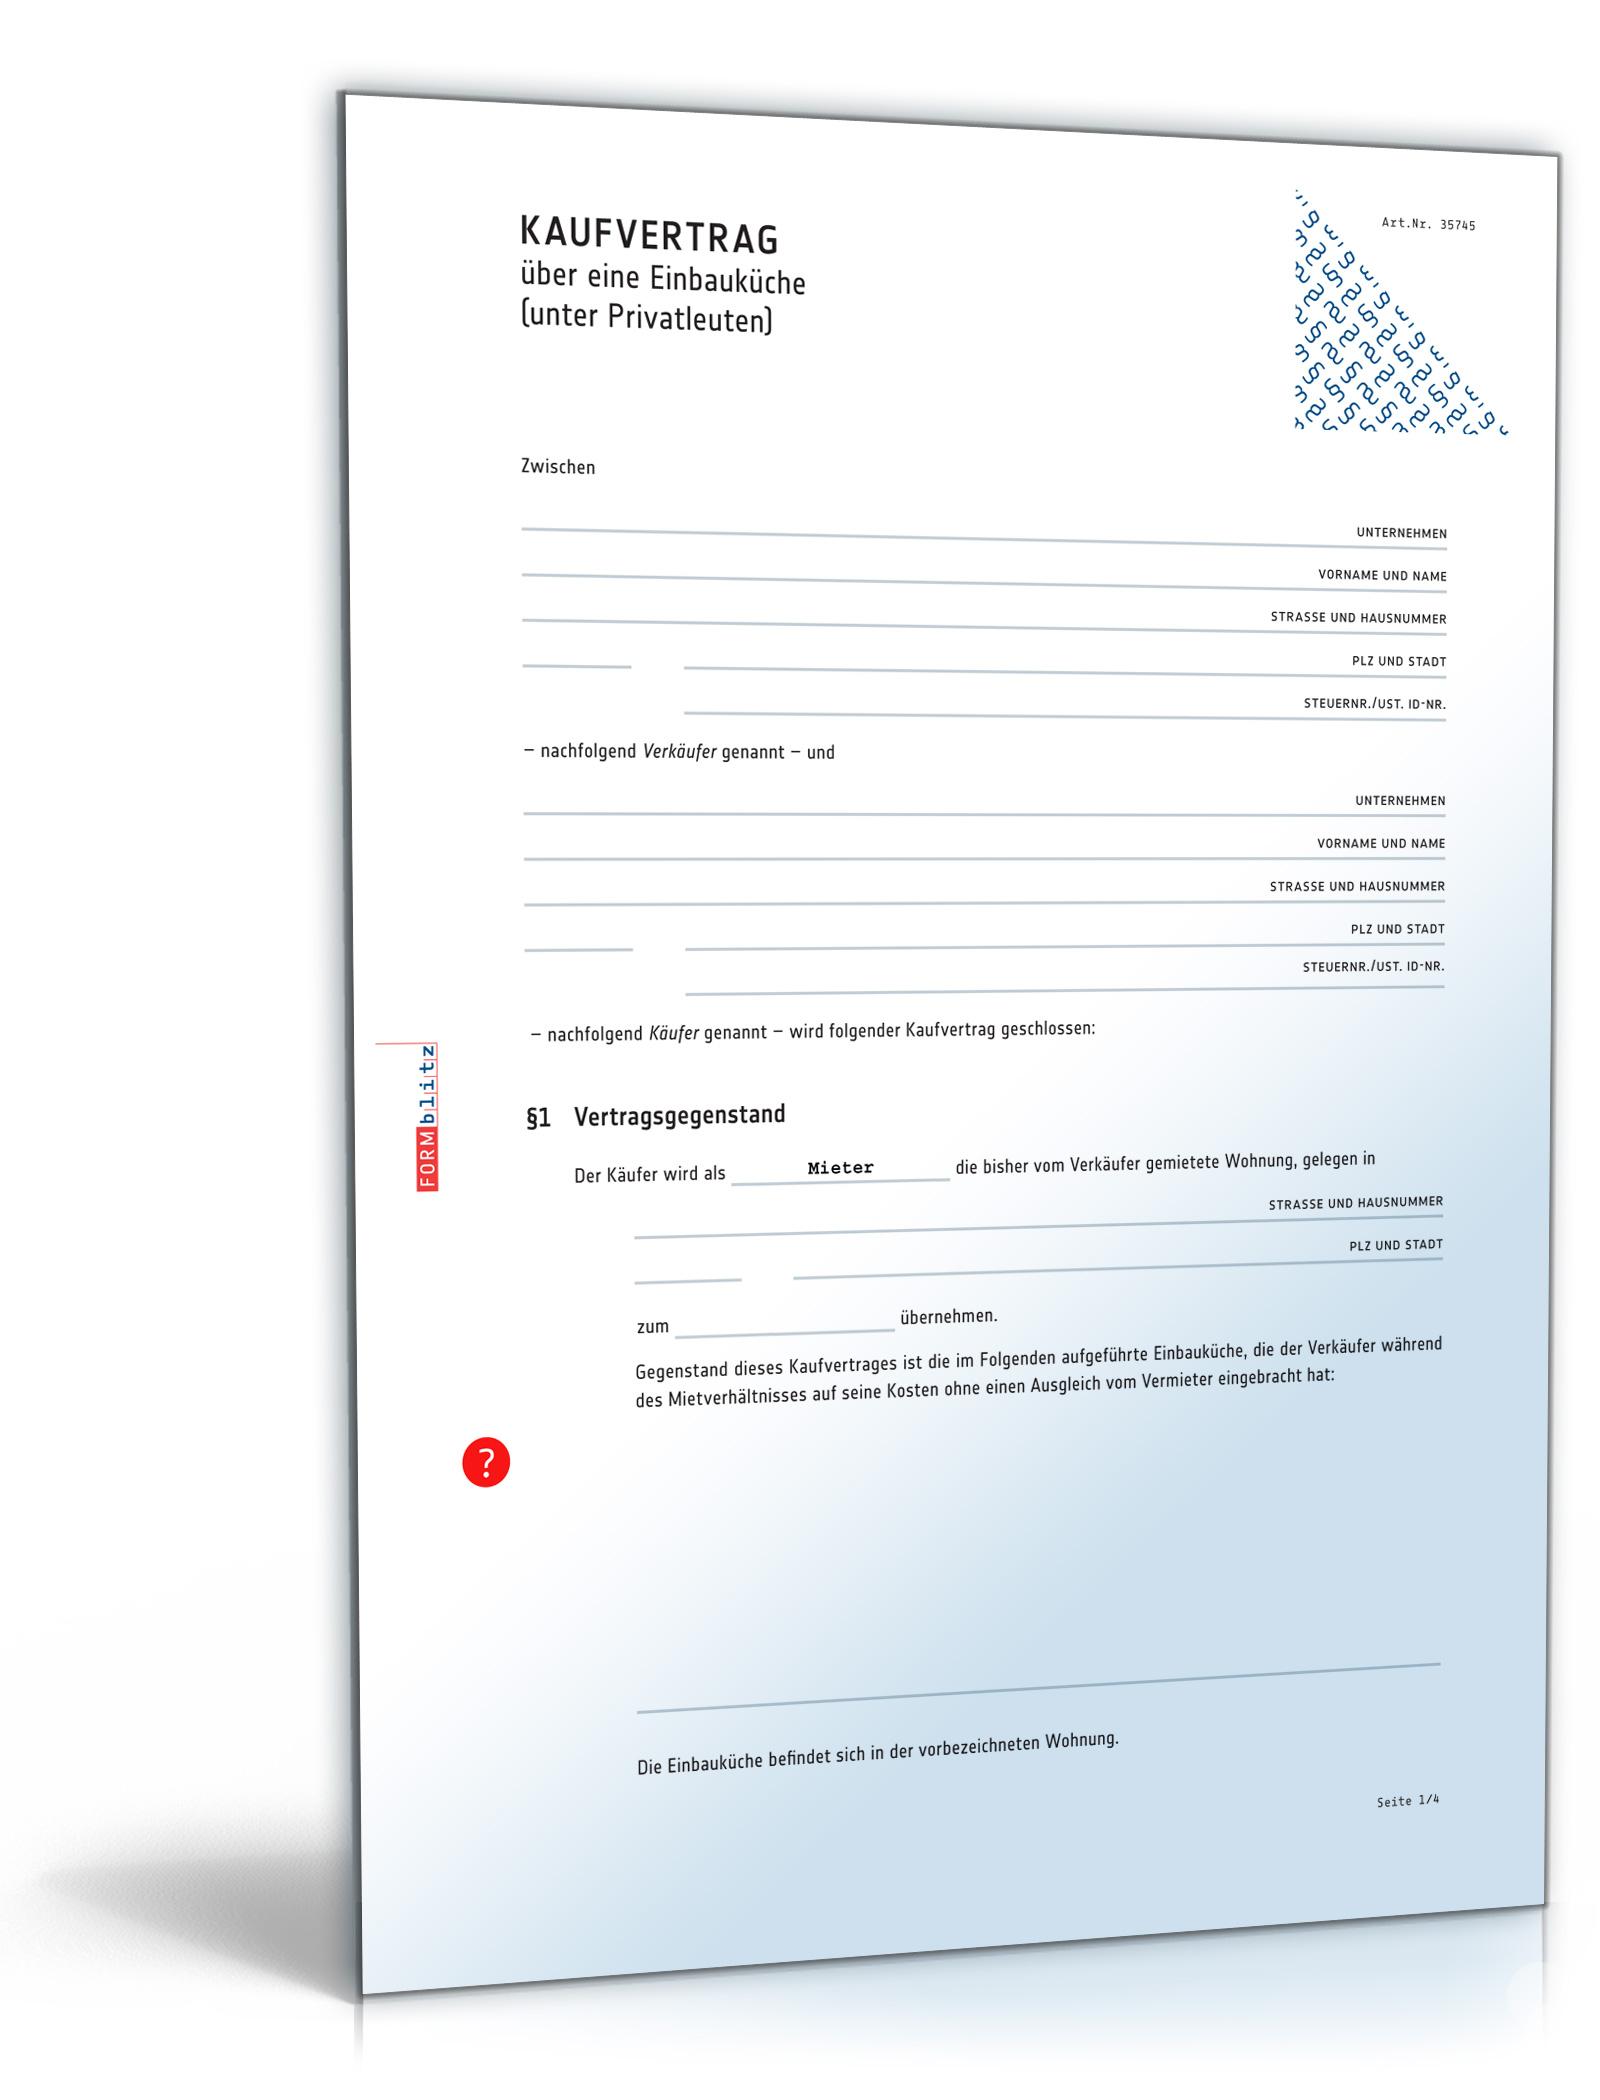 Kaufvertrag Küche - Vertrag zum Verkauf einer Einbauküche unter Privatleuten (PDF) [Download]